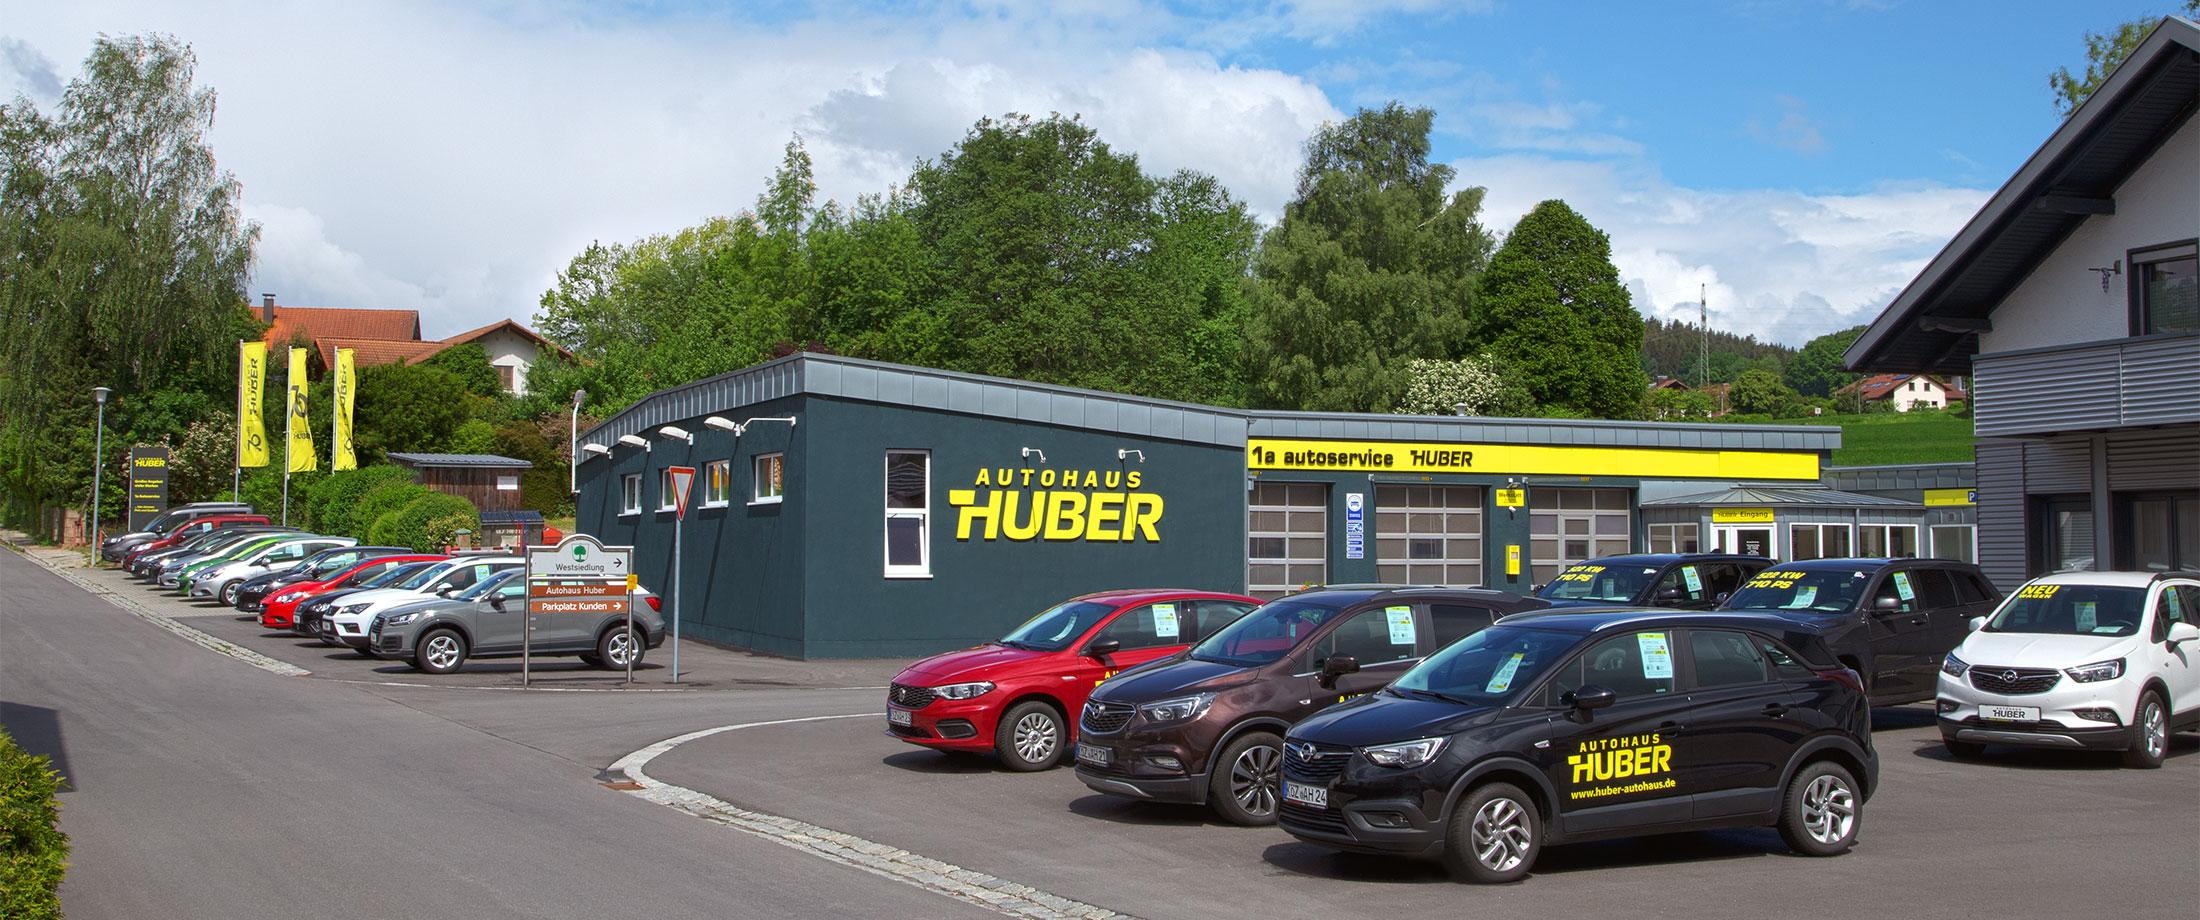 Willkommen im Autohaus Huber